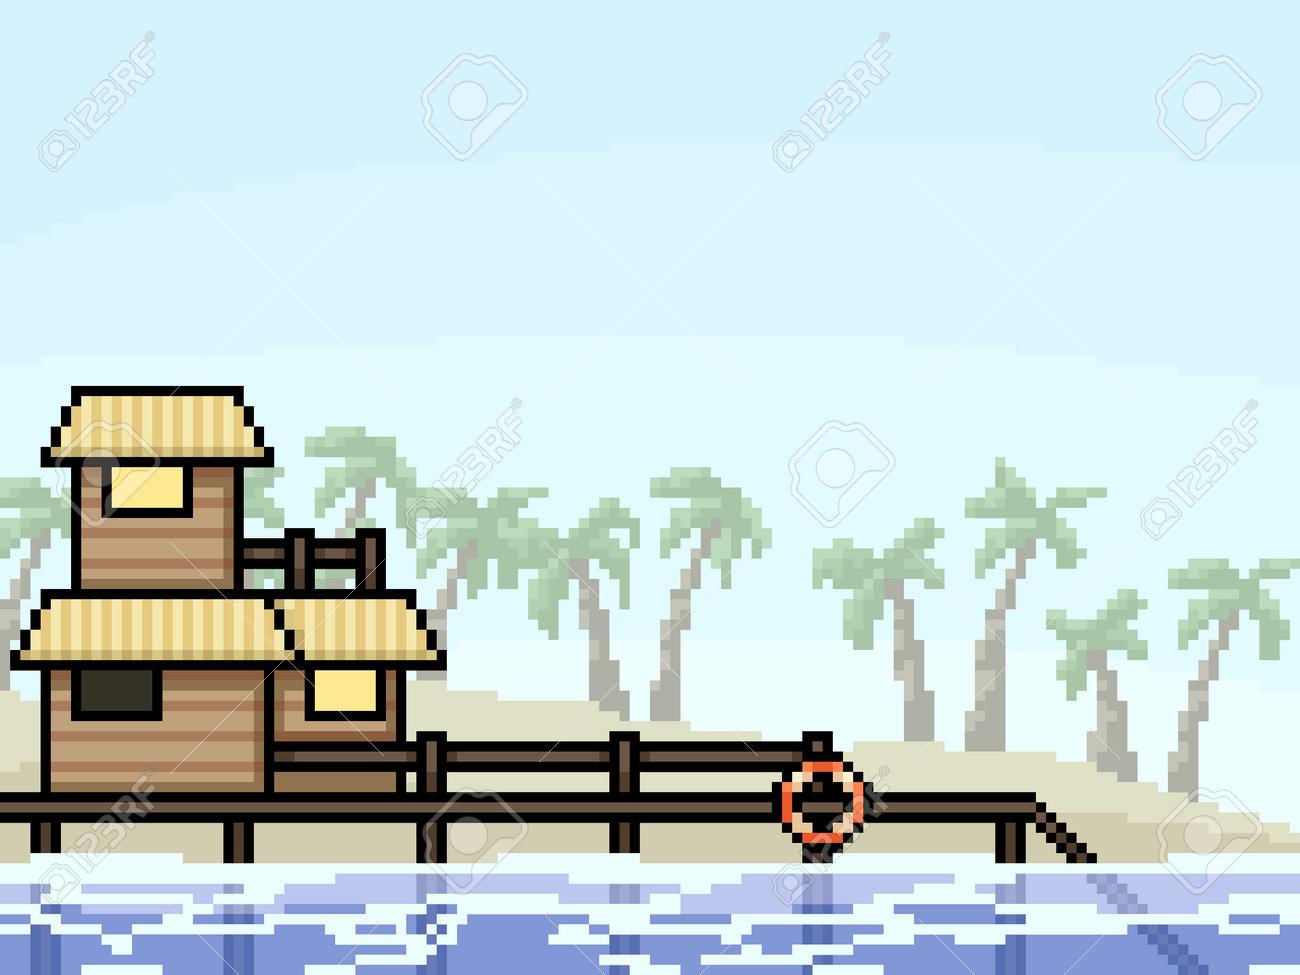 pixel art of vacation resort beach - 169439814